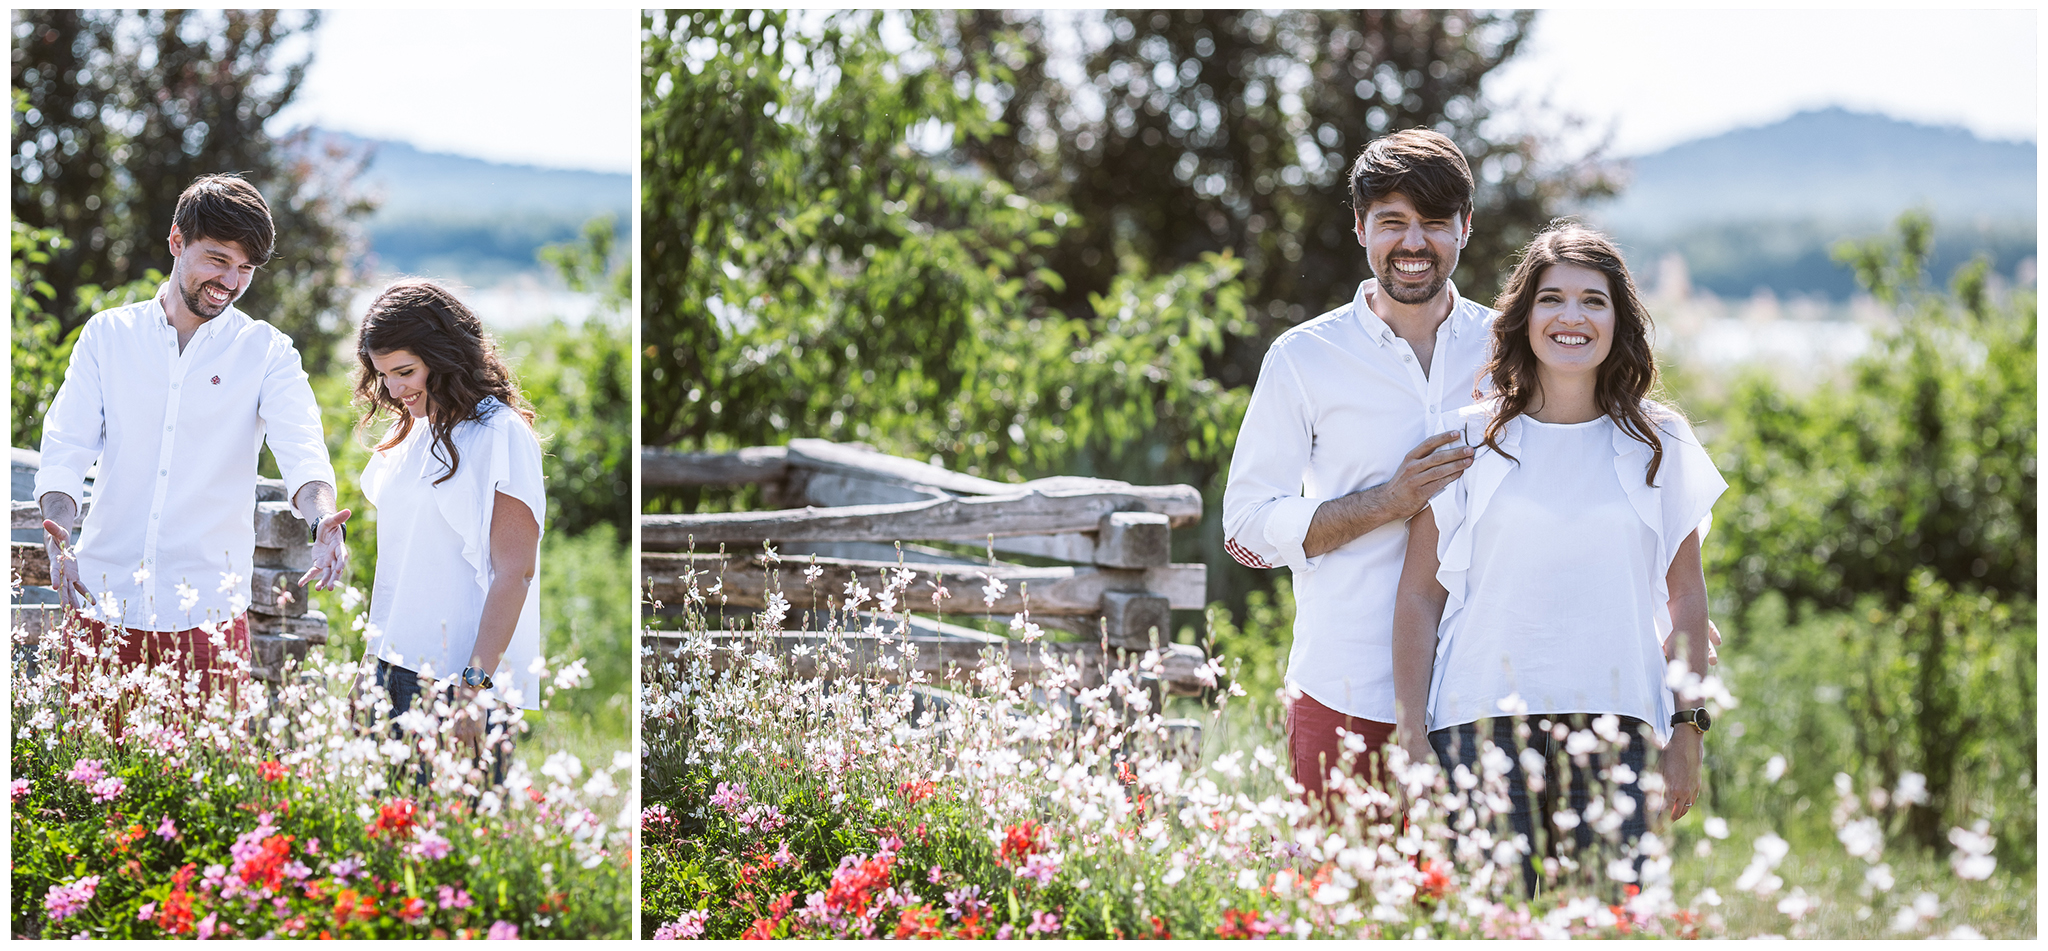 FylepPhoto, esküvőfotózás, magyarország, esküvői fotós, vasmegye, prémium, jegyesfotózás, Fülöp Péter, körmend, kreatív, tihany 01.jpg